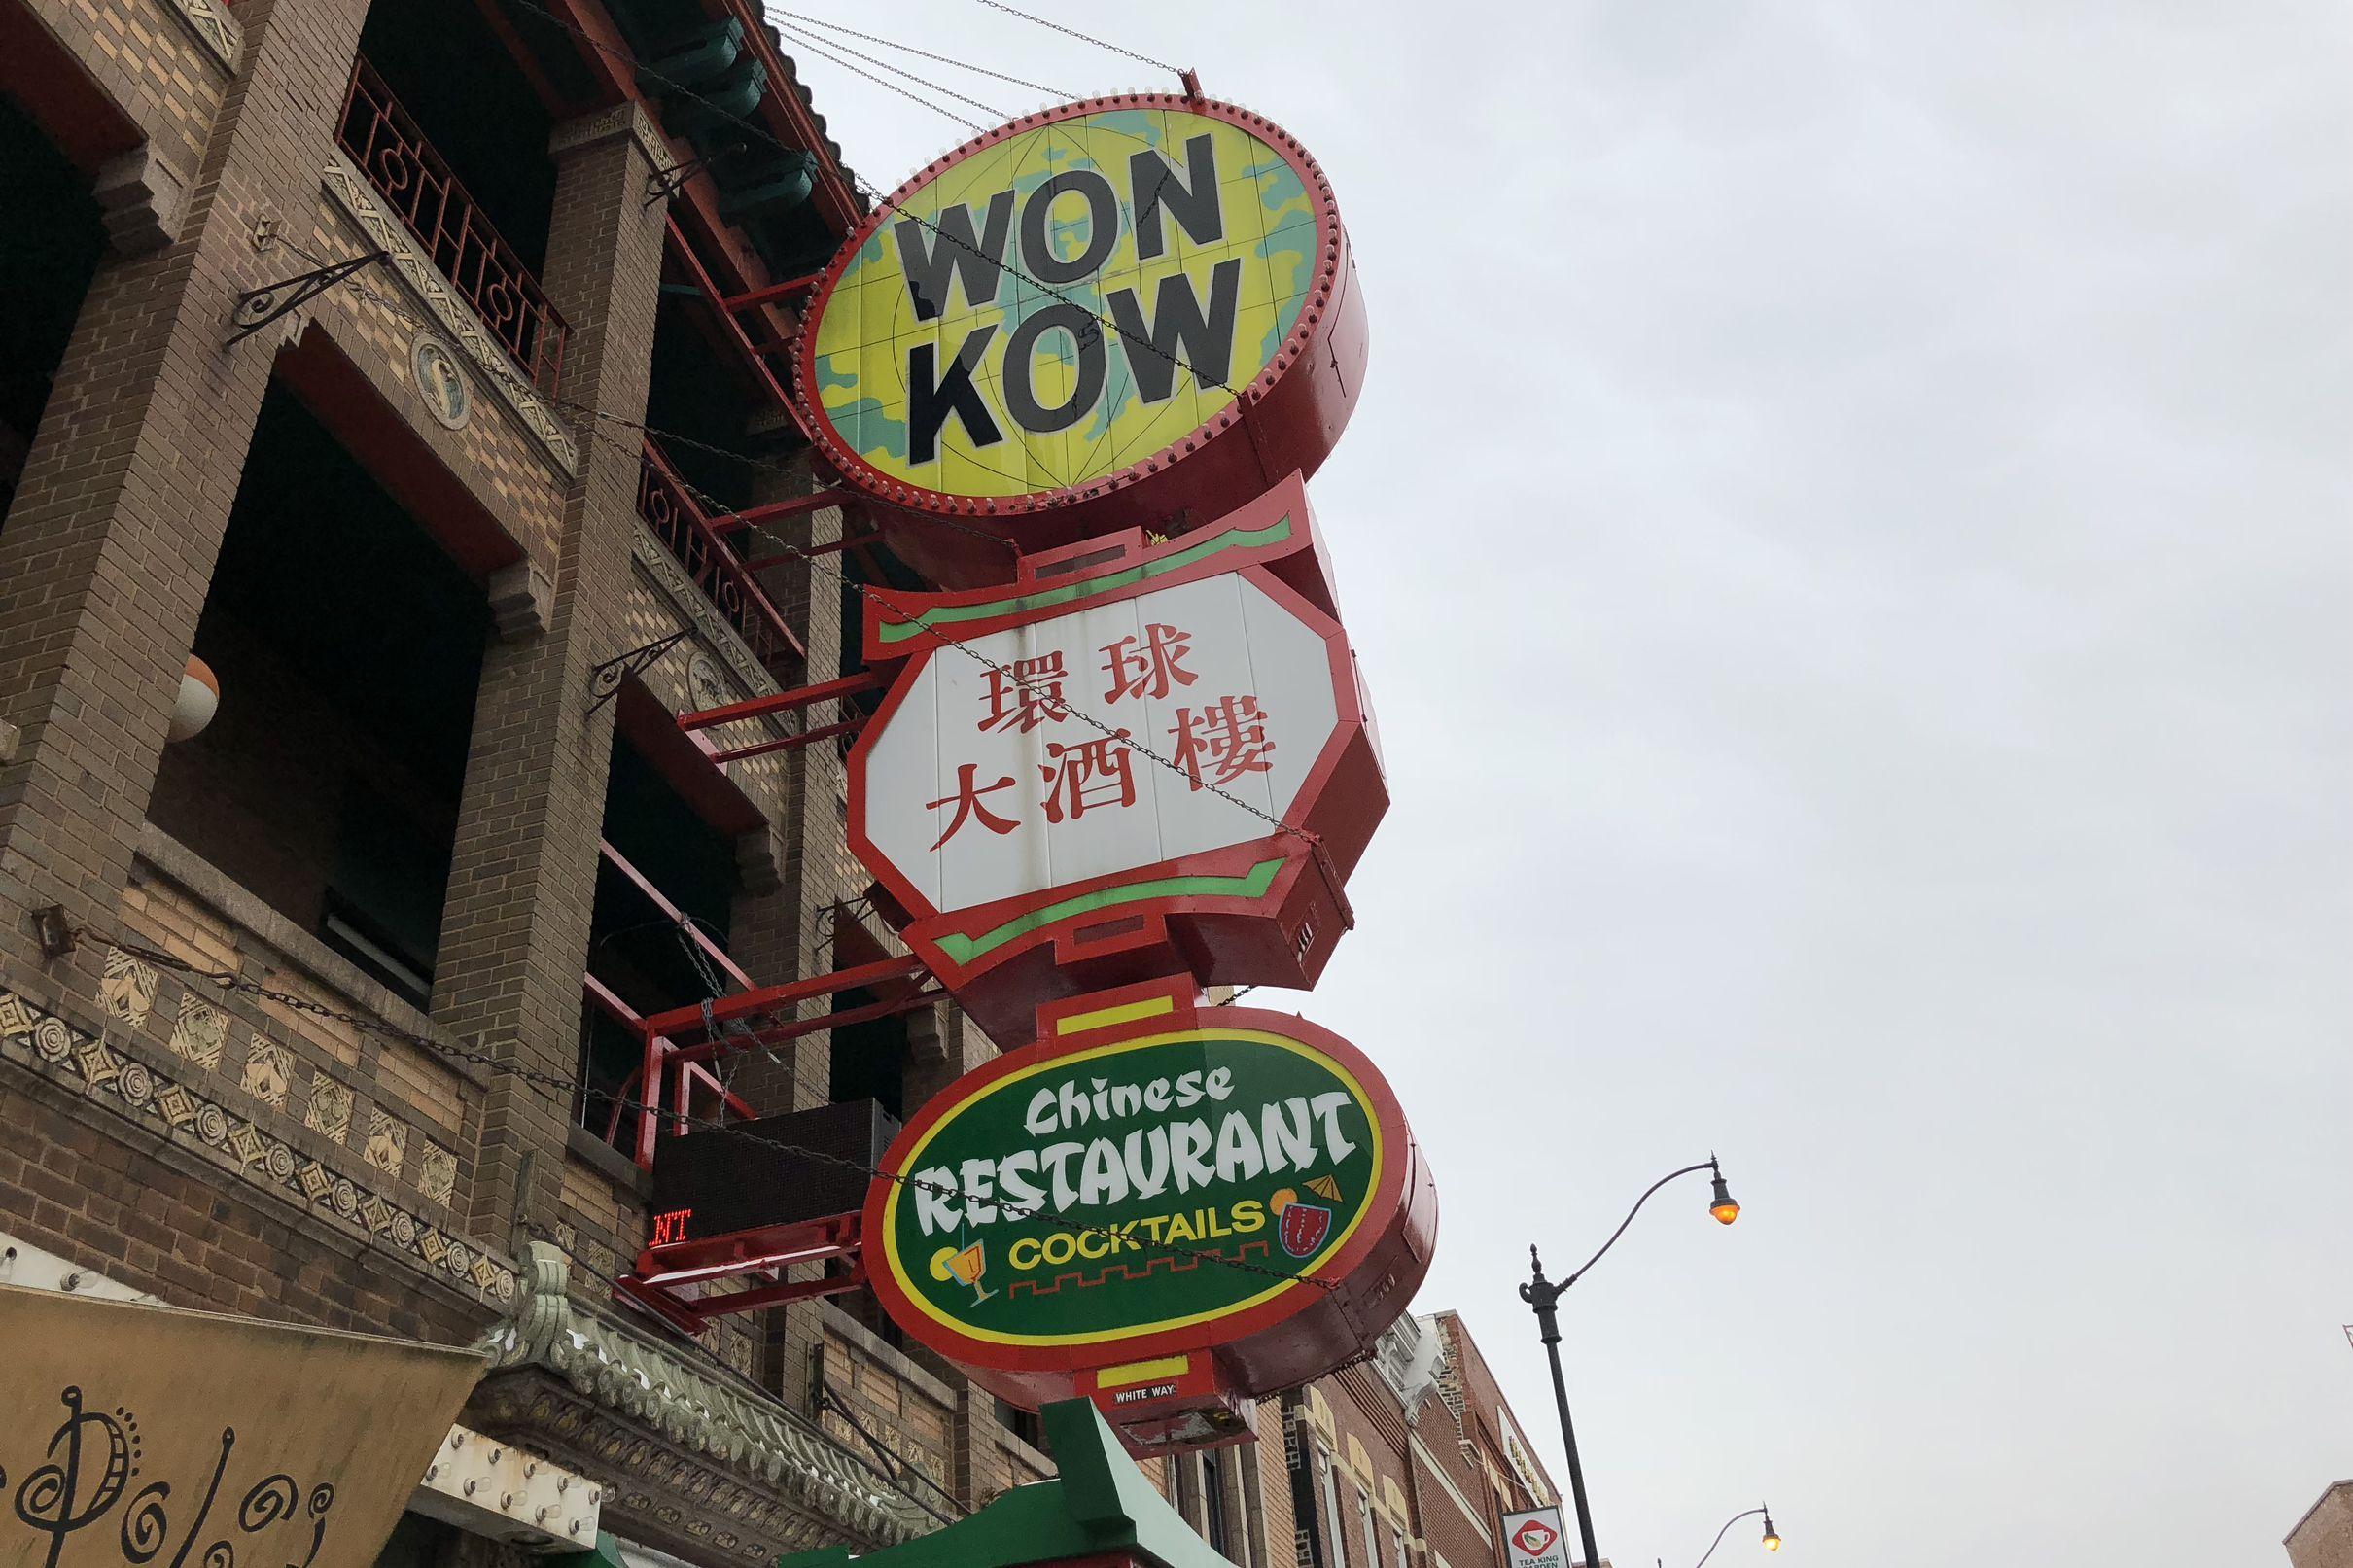 Won Kow Chicago S Oldest Chinatown Restaurant Is Closed After 90 Years Chinatown Restaurants Chinatown Chicago